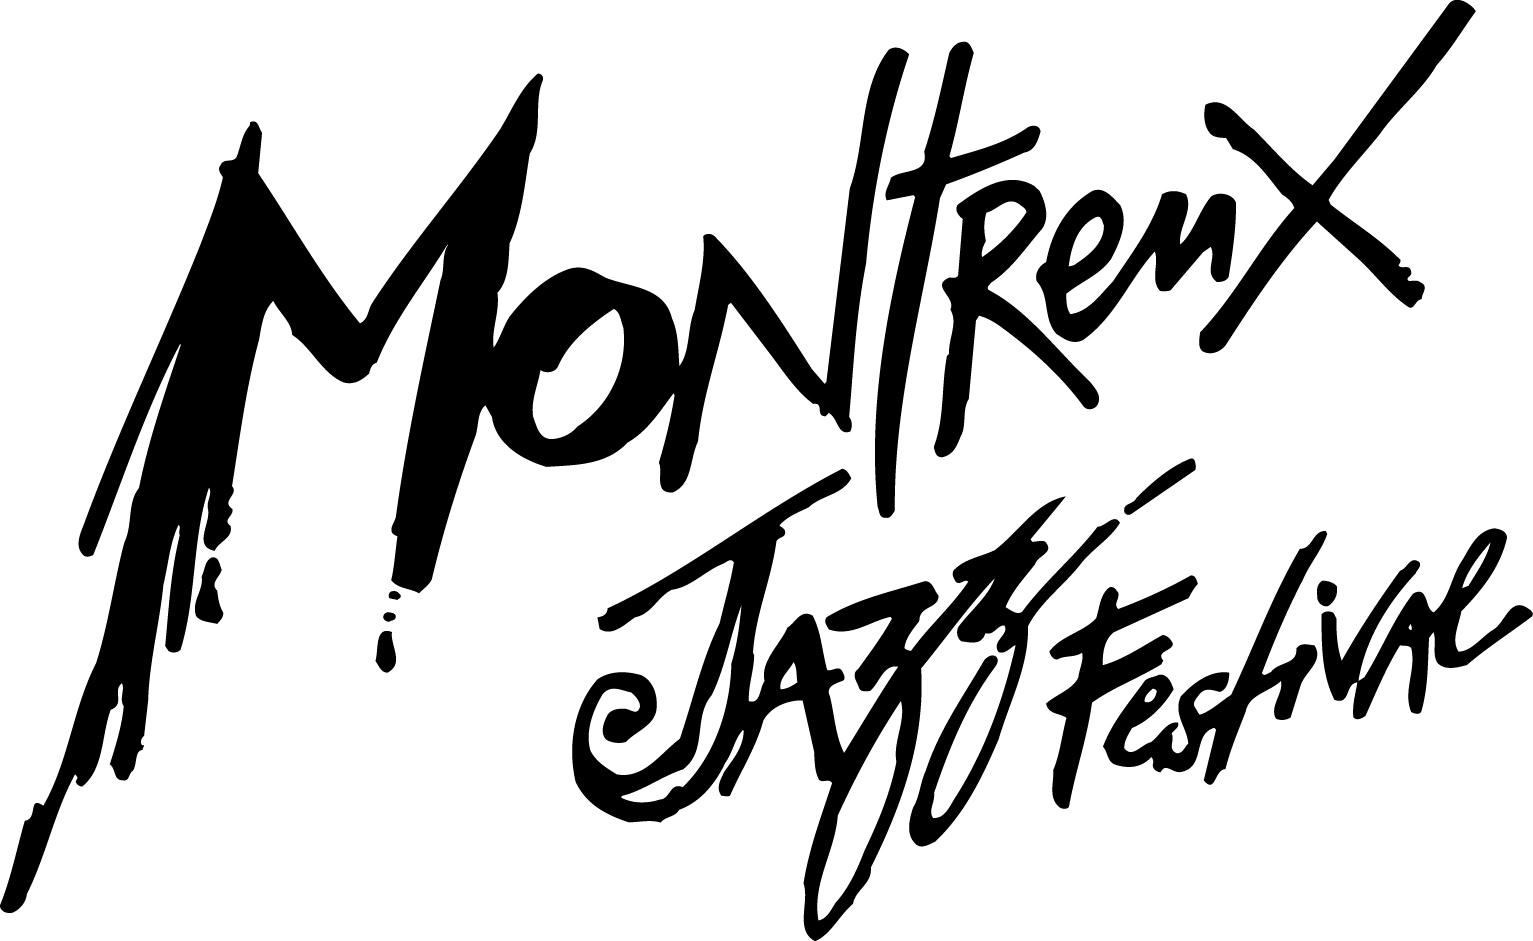 Talkin' All That Jazz!